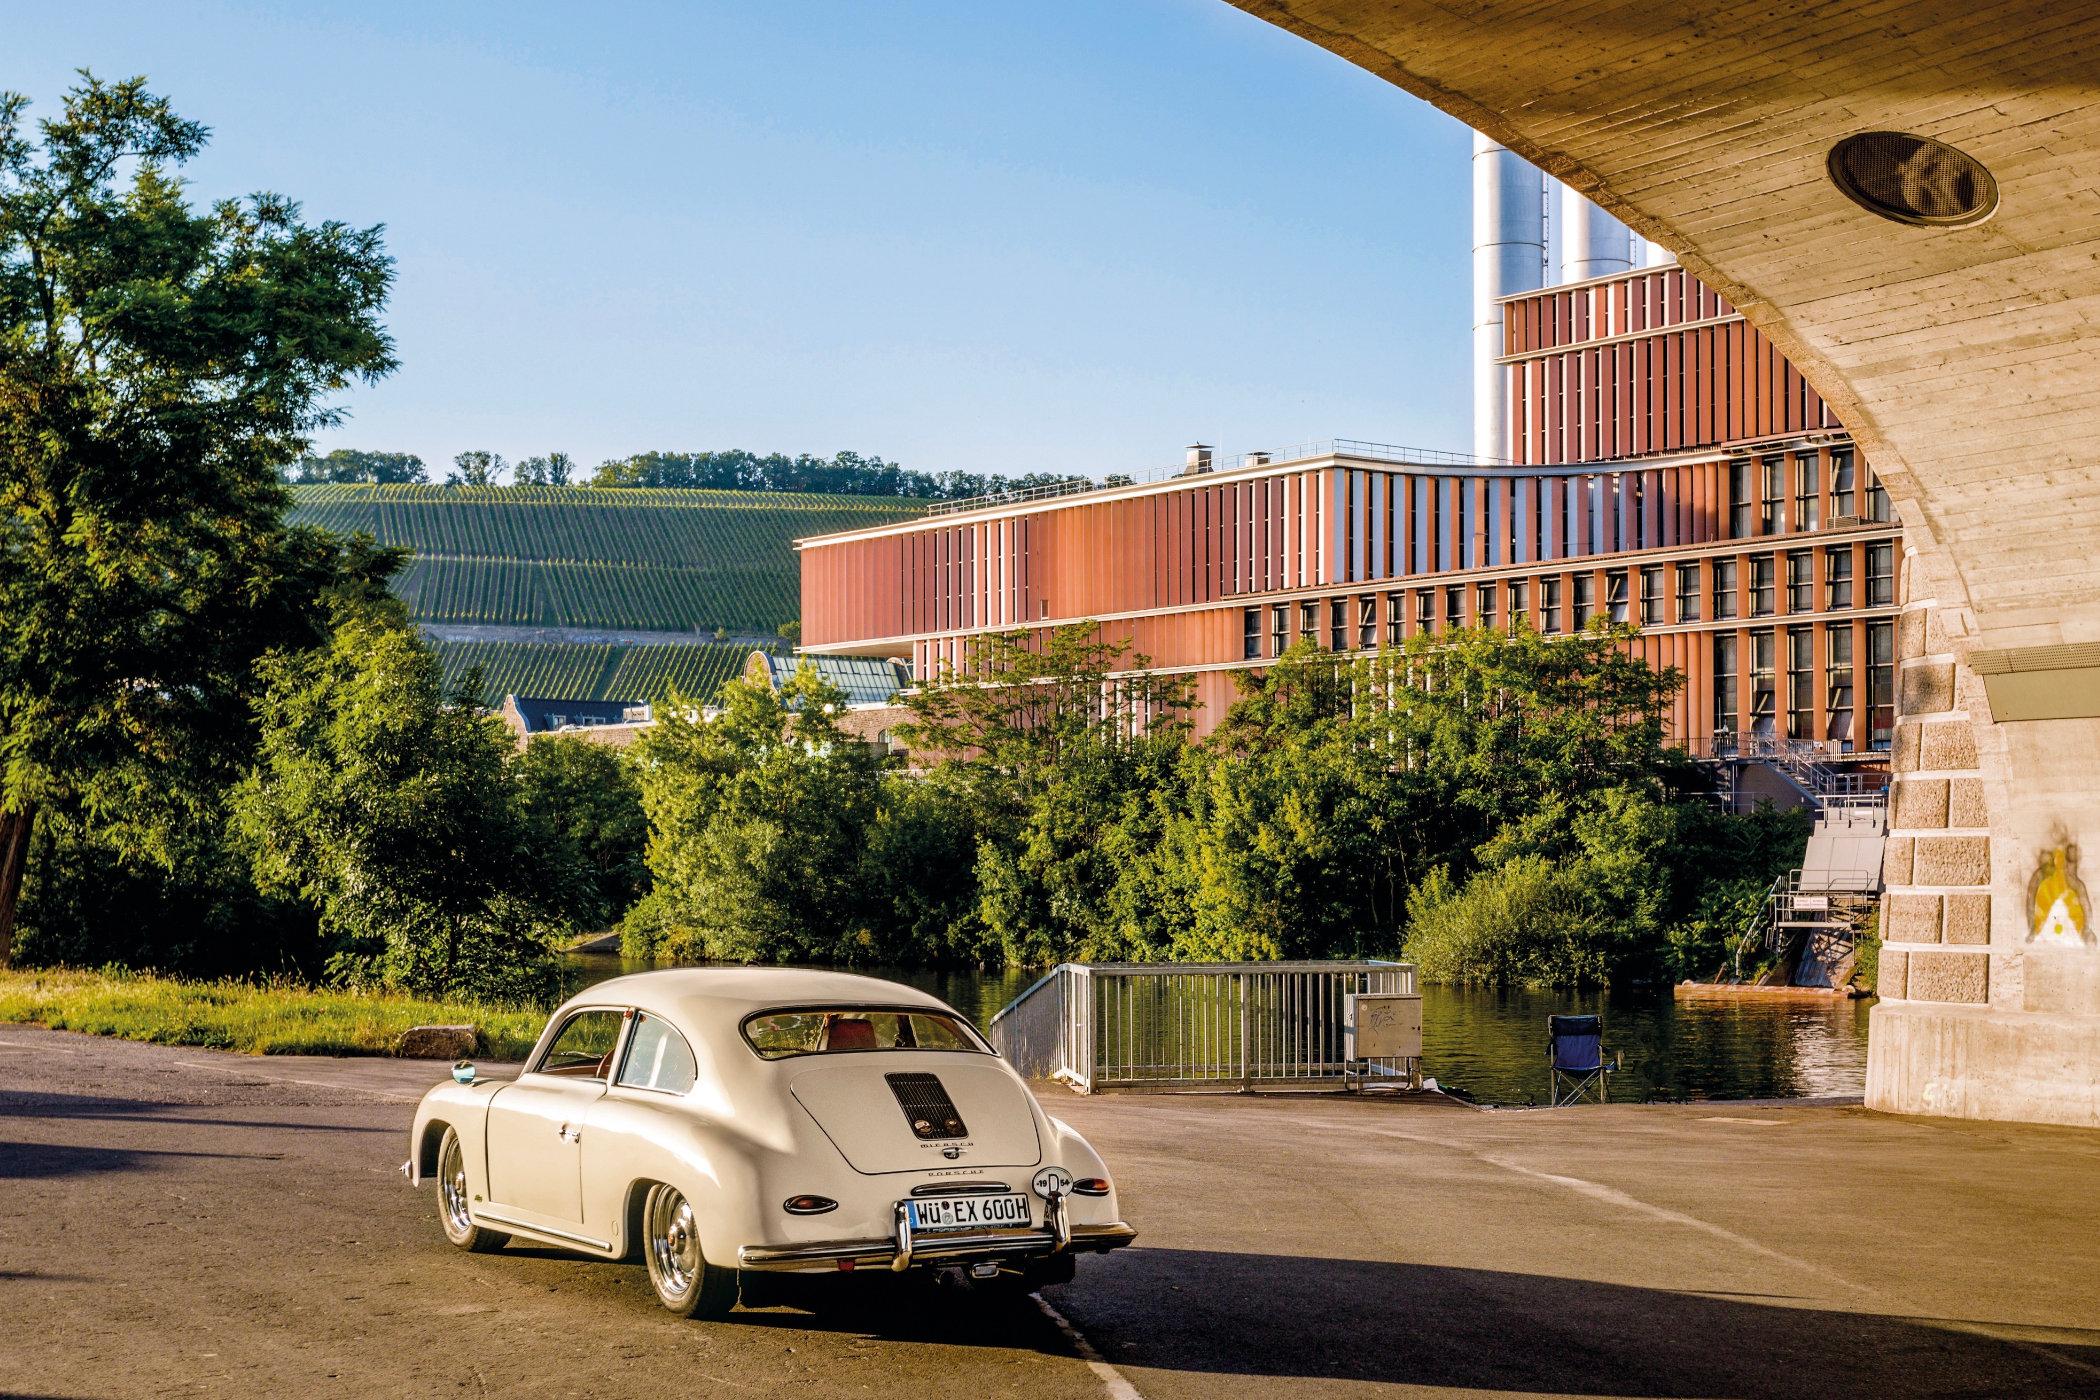 The rear section of the Miersch Porsche 356